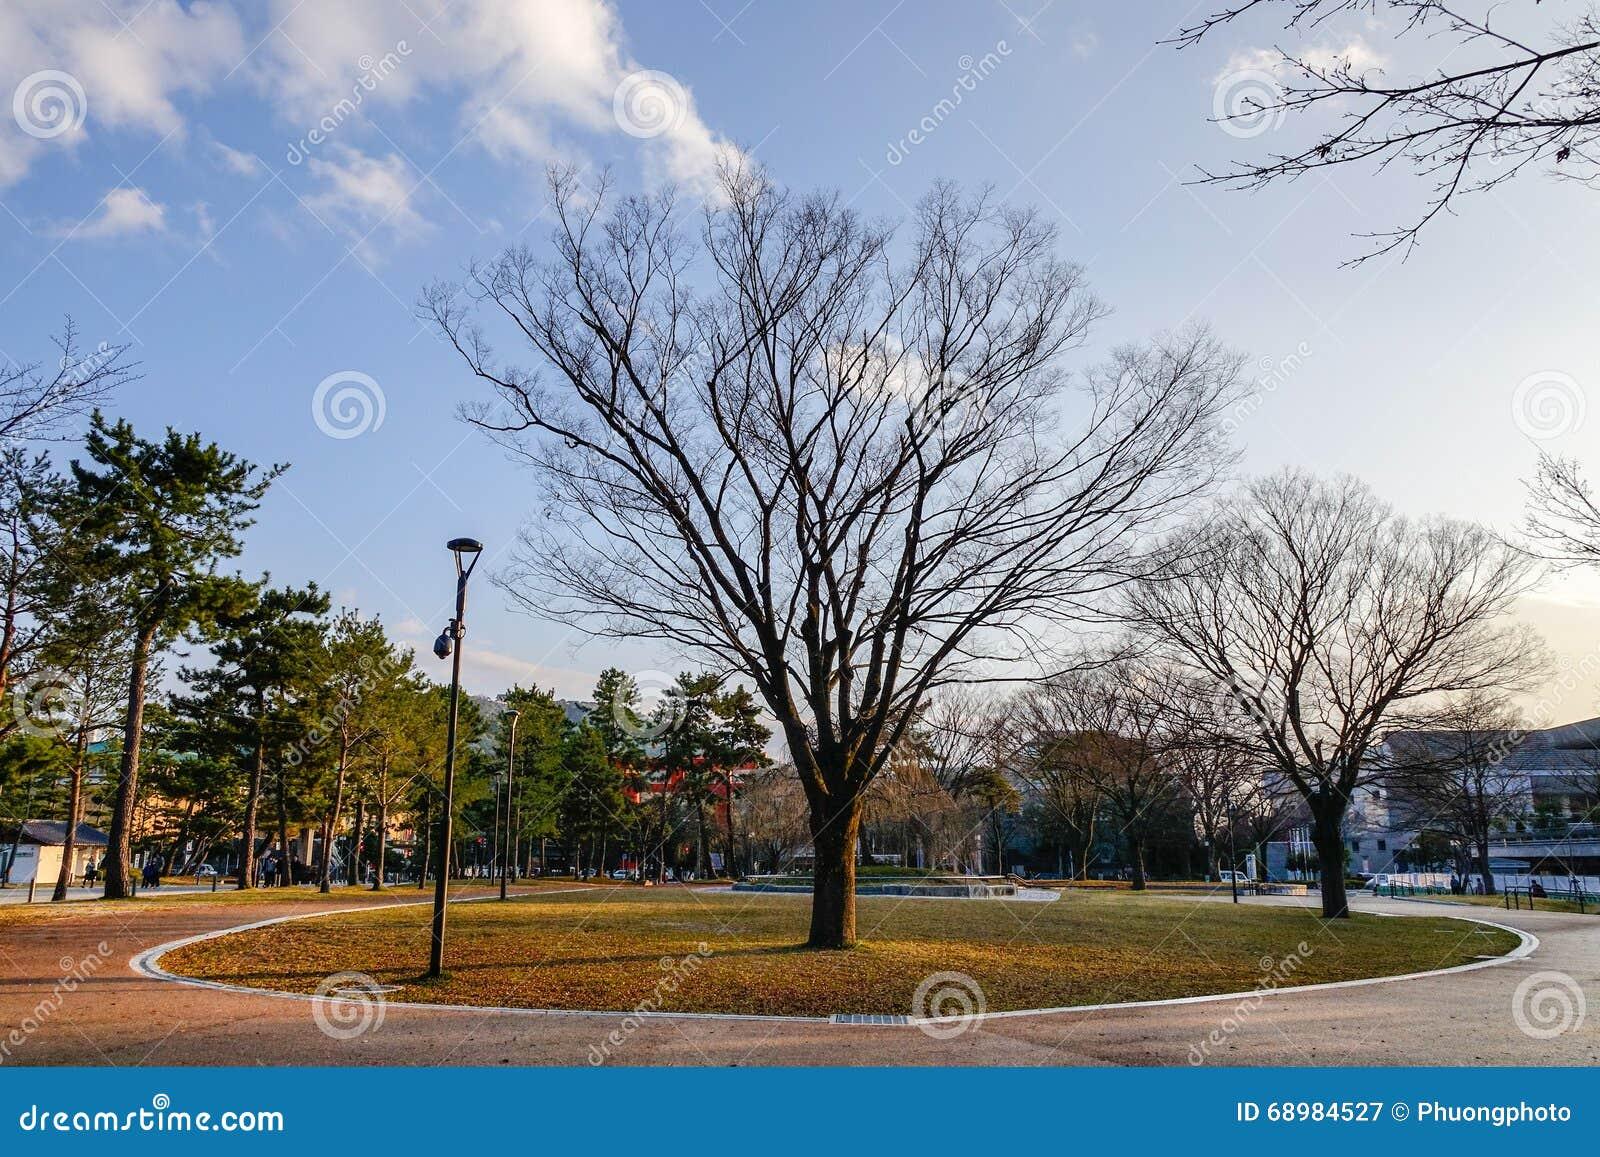 Vista del parque con muchos árboles en Kyoto, Japón